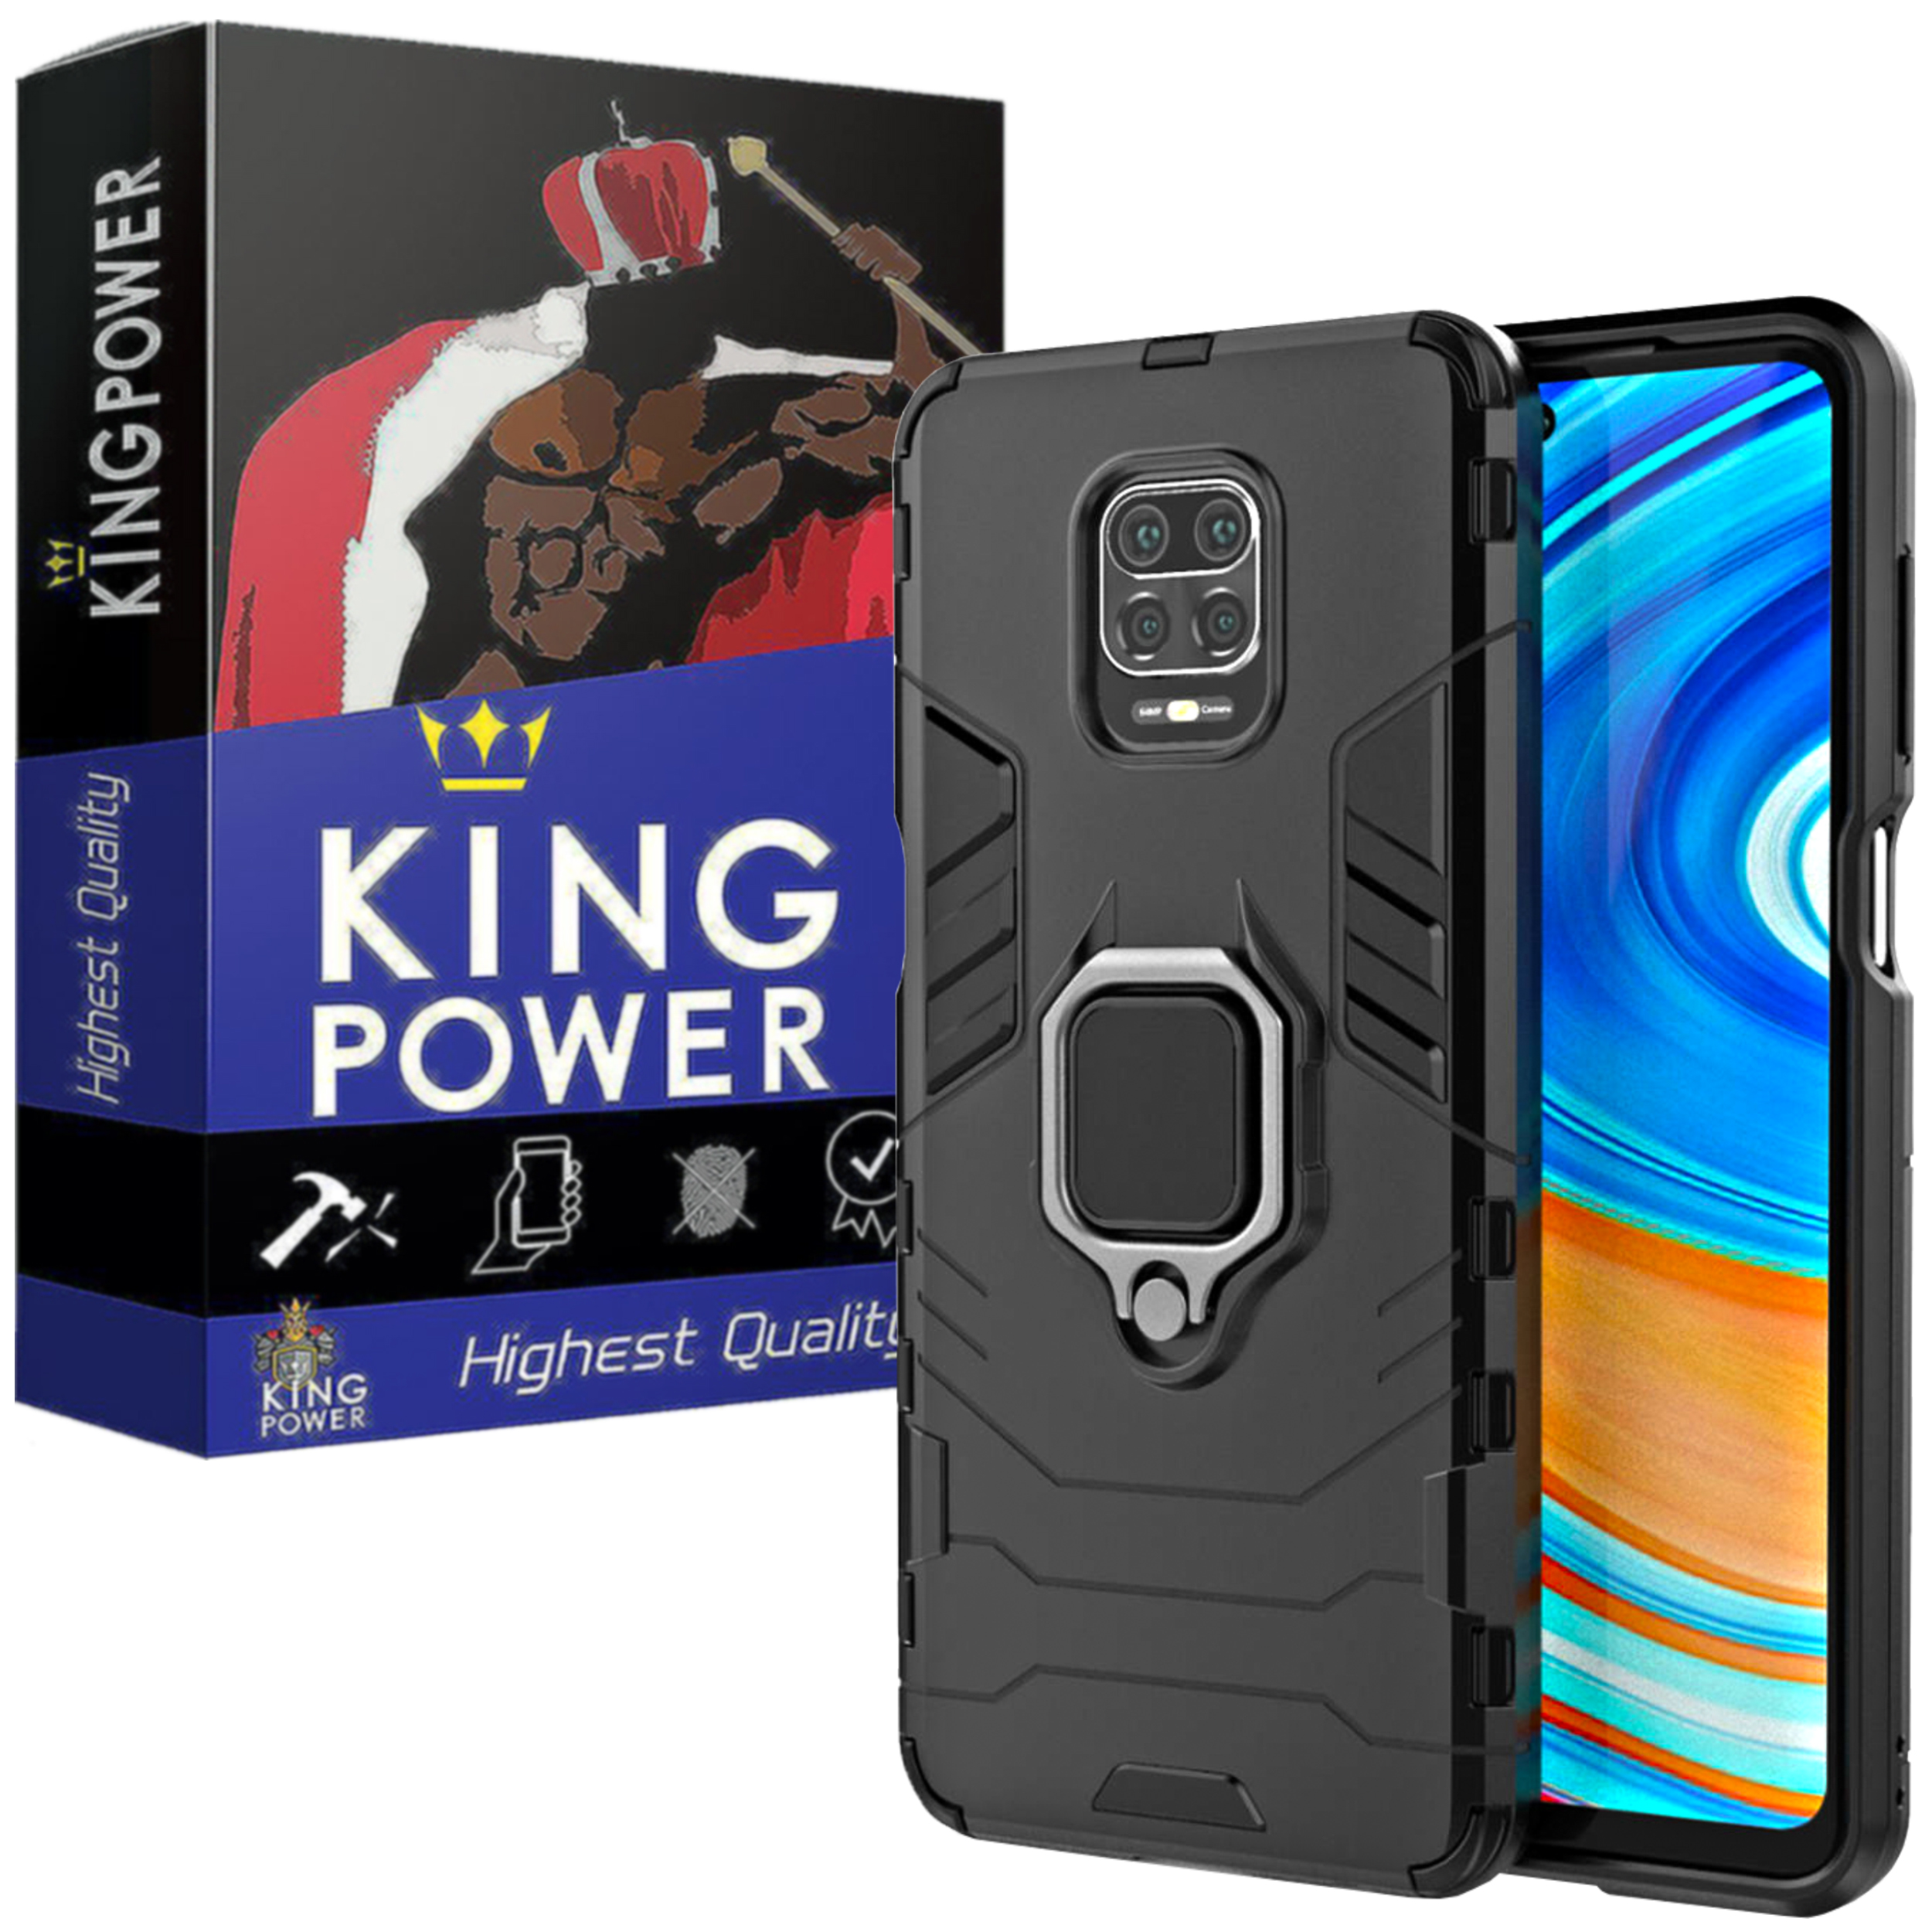 کاور کینگ پاور مدل ASH21 مناسب برای گوشی موبایل شیائومی Redmi Note 9S / Note 9 Pro / Note 9 Pro Max              ( قیمت و خرید)